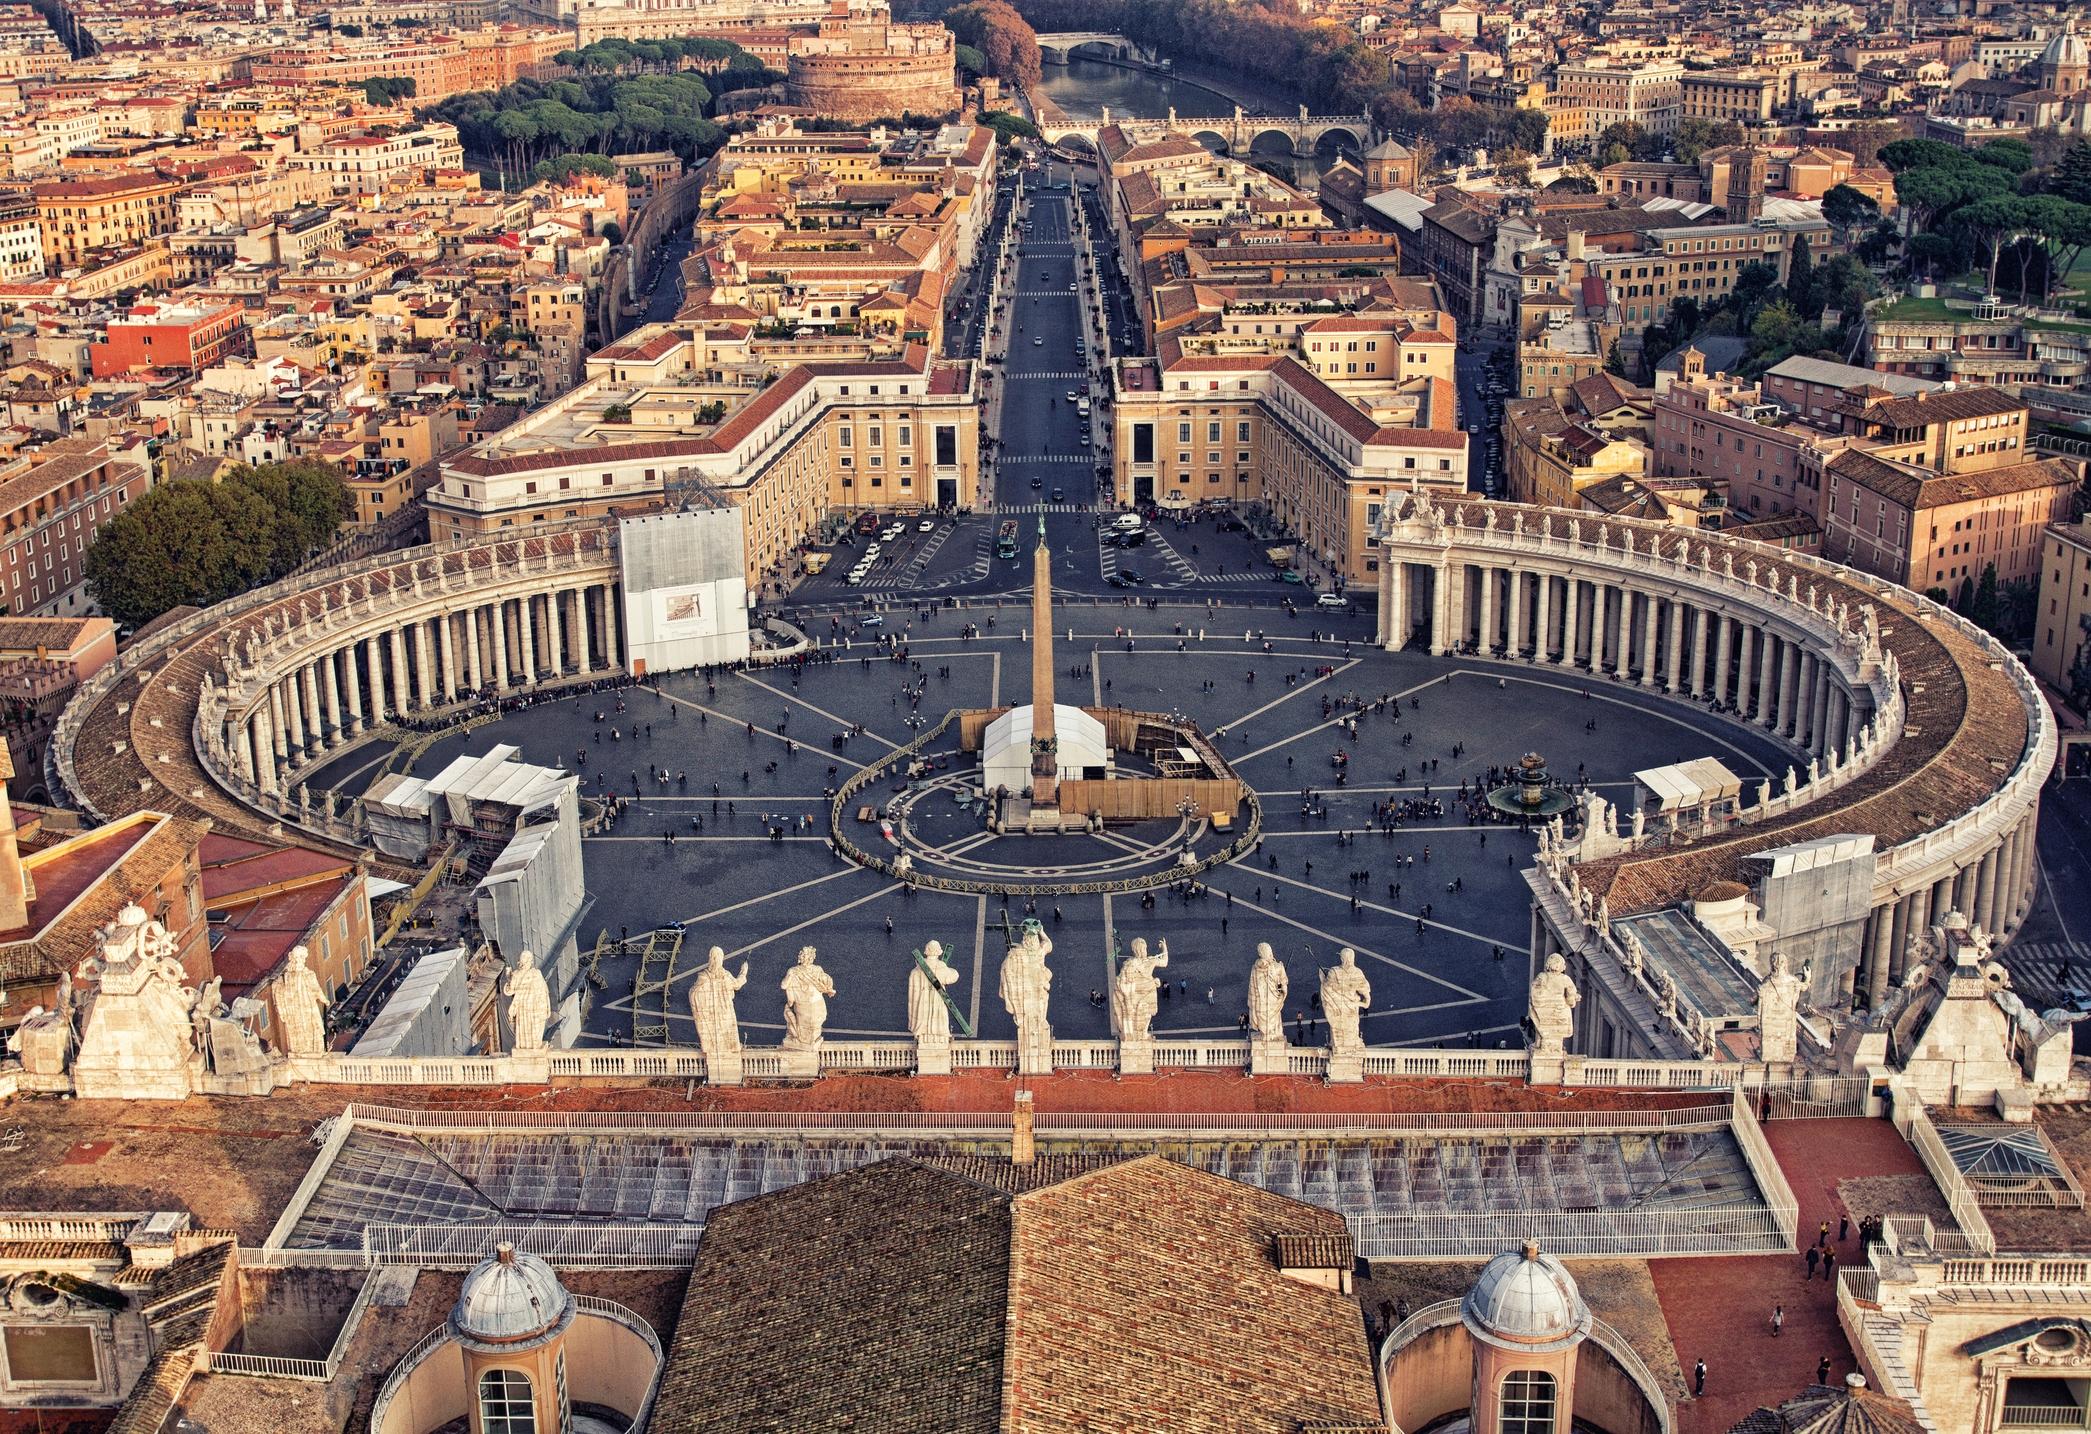 Ватикана е най-малката европейска столица с население от едва 800 души и разполозжена на 110 акра.